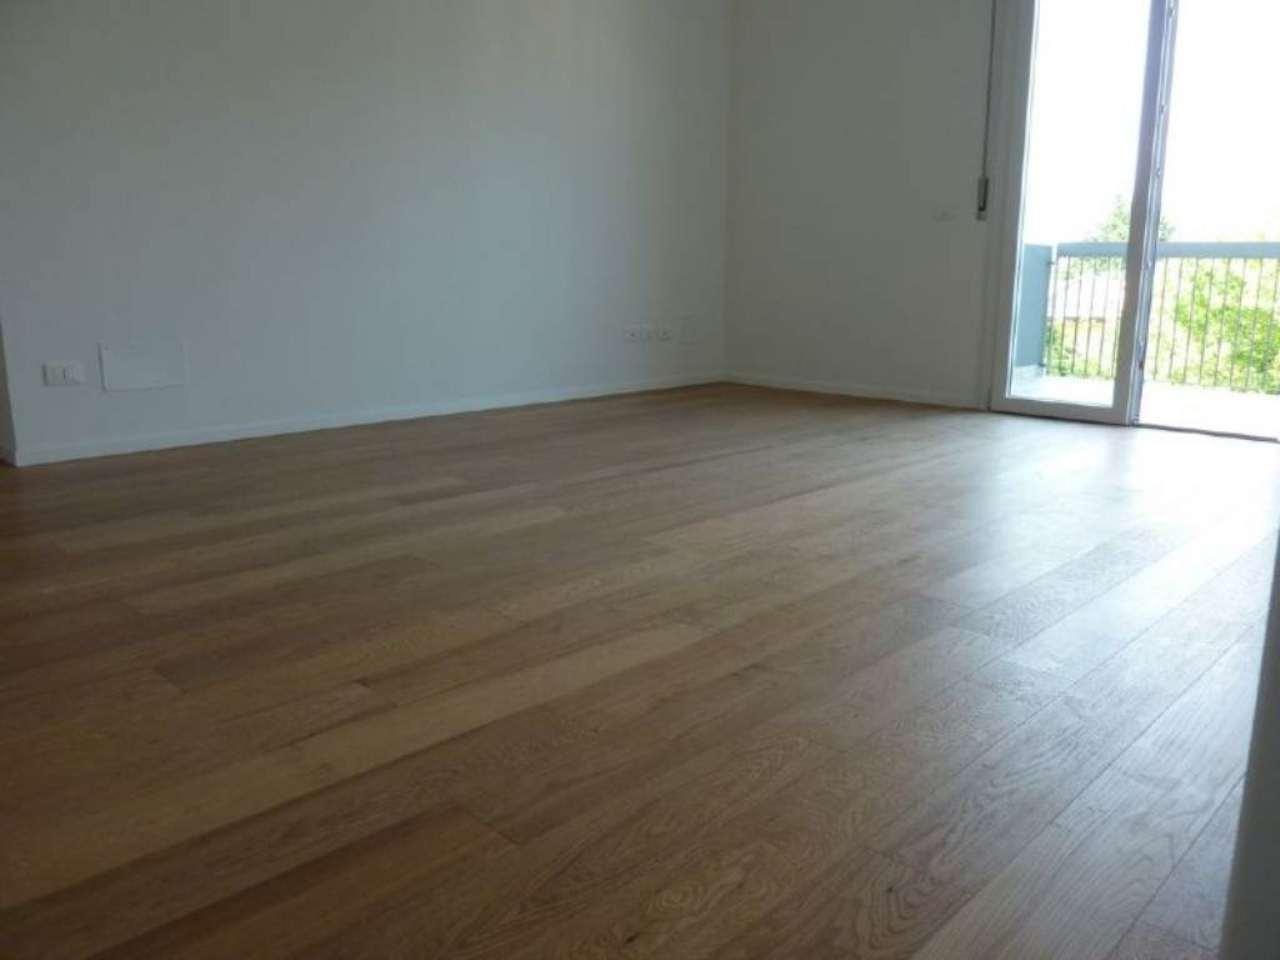 Appartamento in vendita a Carbonera, 3 locali, prezzo € 135.000 | Cambio Casa.it